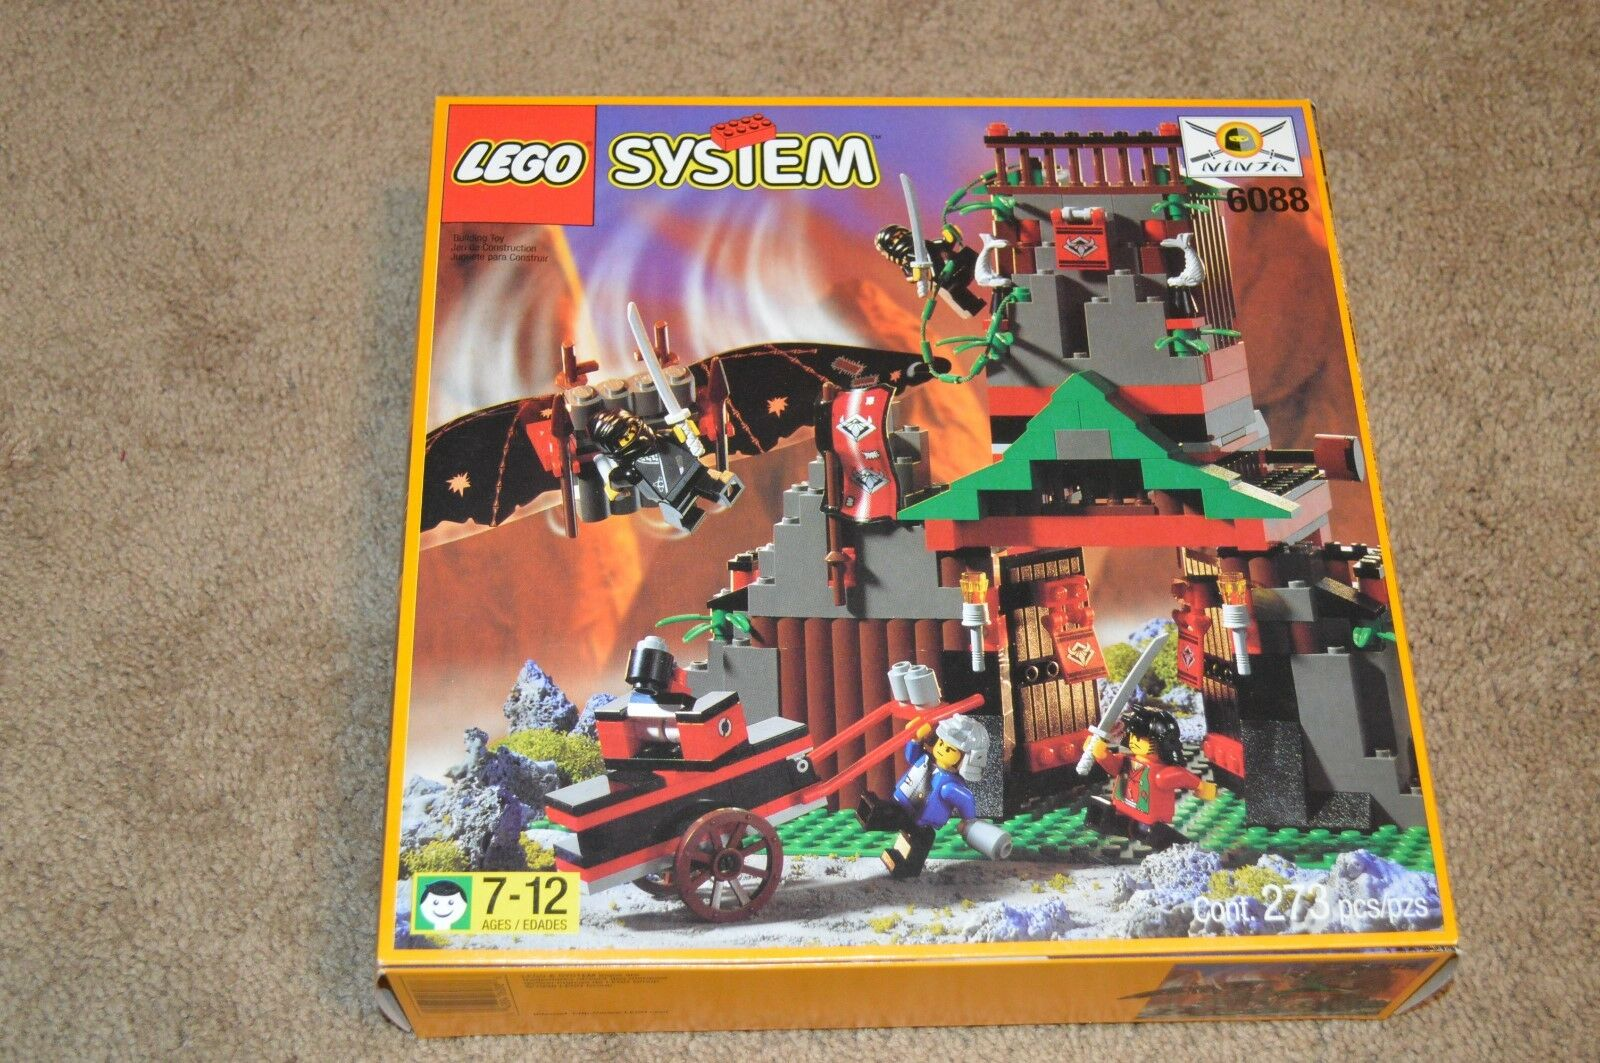 Nouveau Lego 6088 Robber's Retreat Château Set